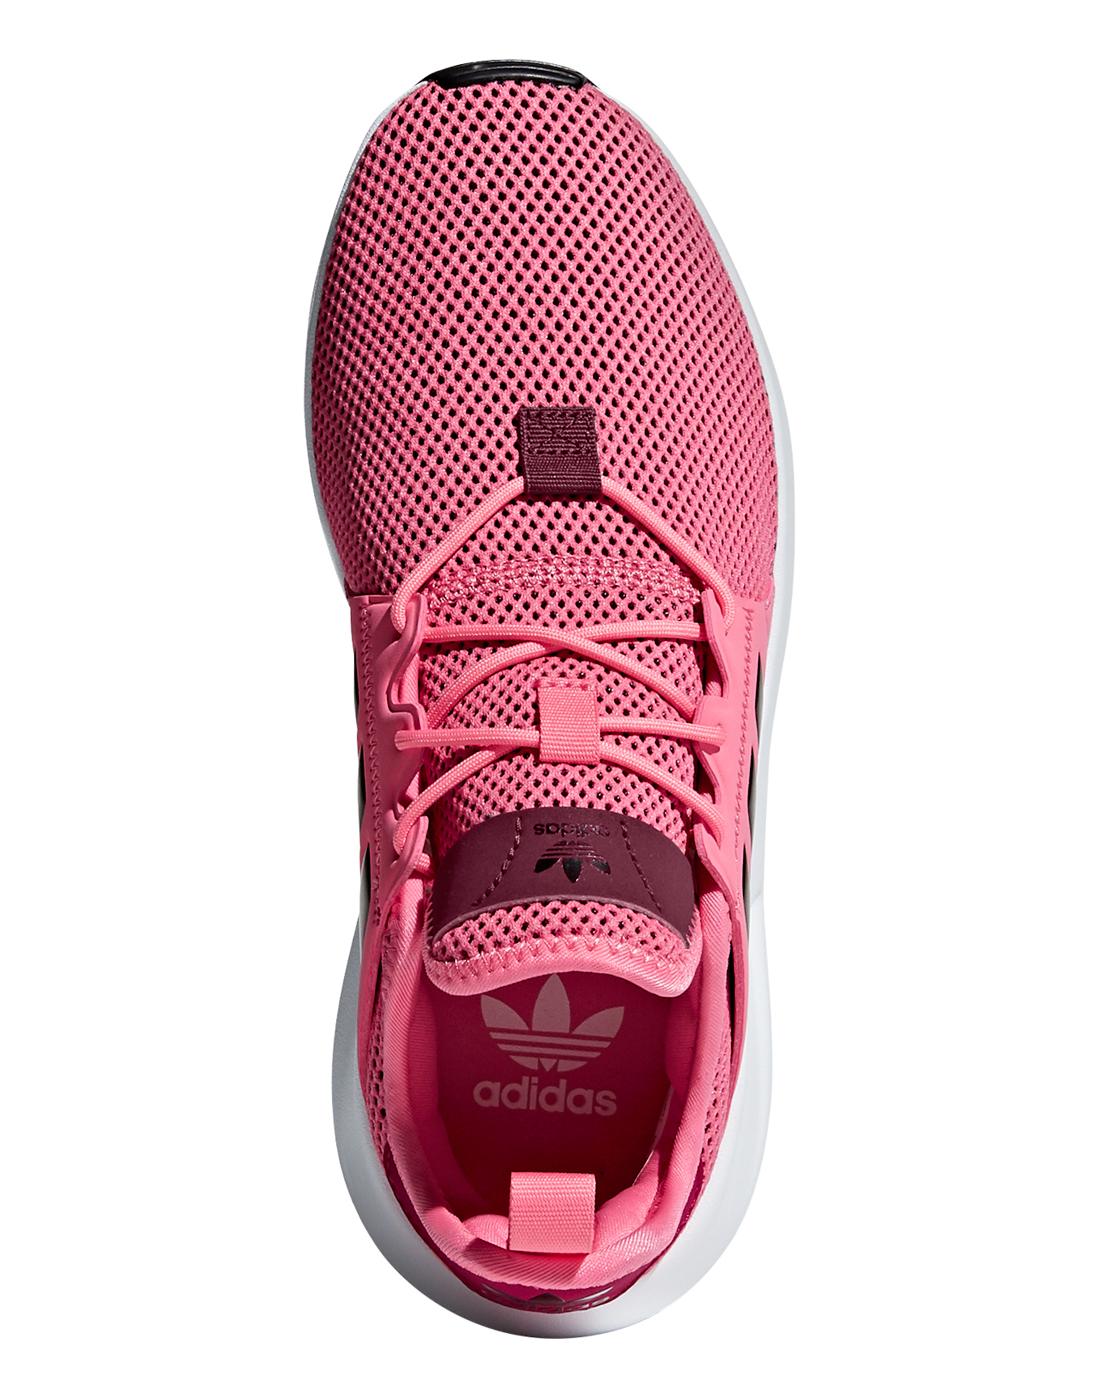 30b3f17fbdc1db adidas Originals. Older Girls X PLR. Older Girls X PLR · Older Girls X PLR  · Older Girls X PLR